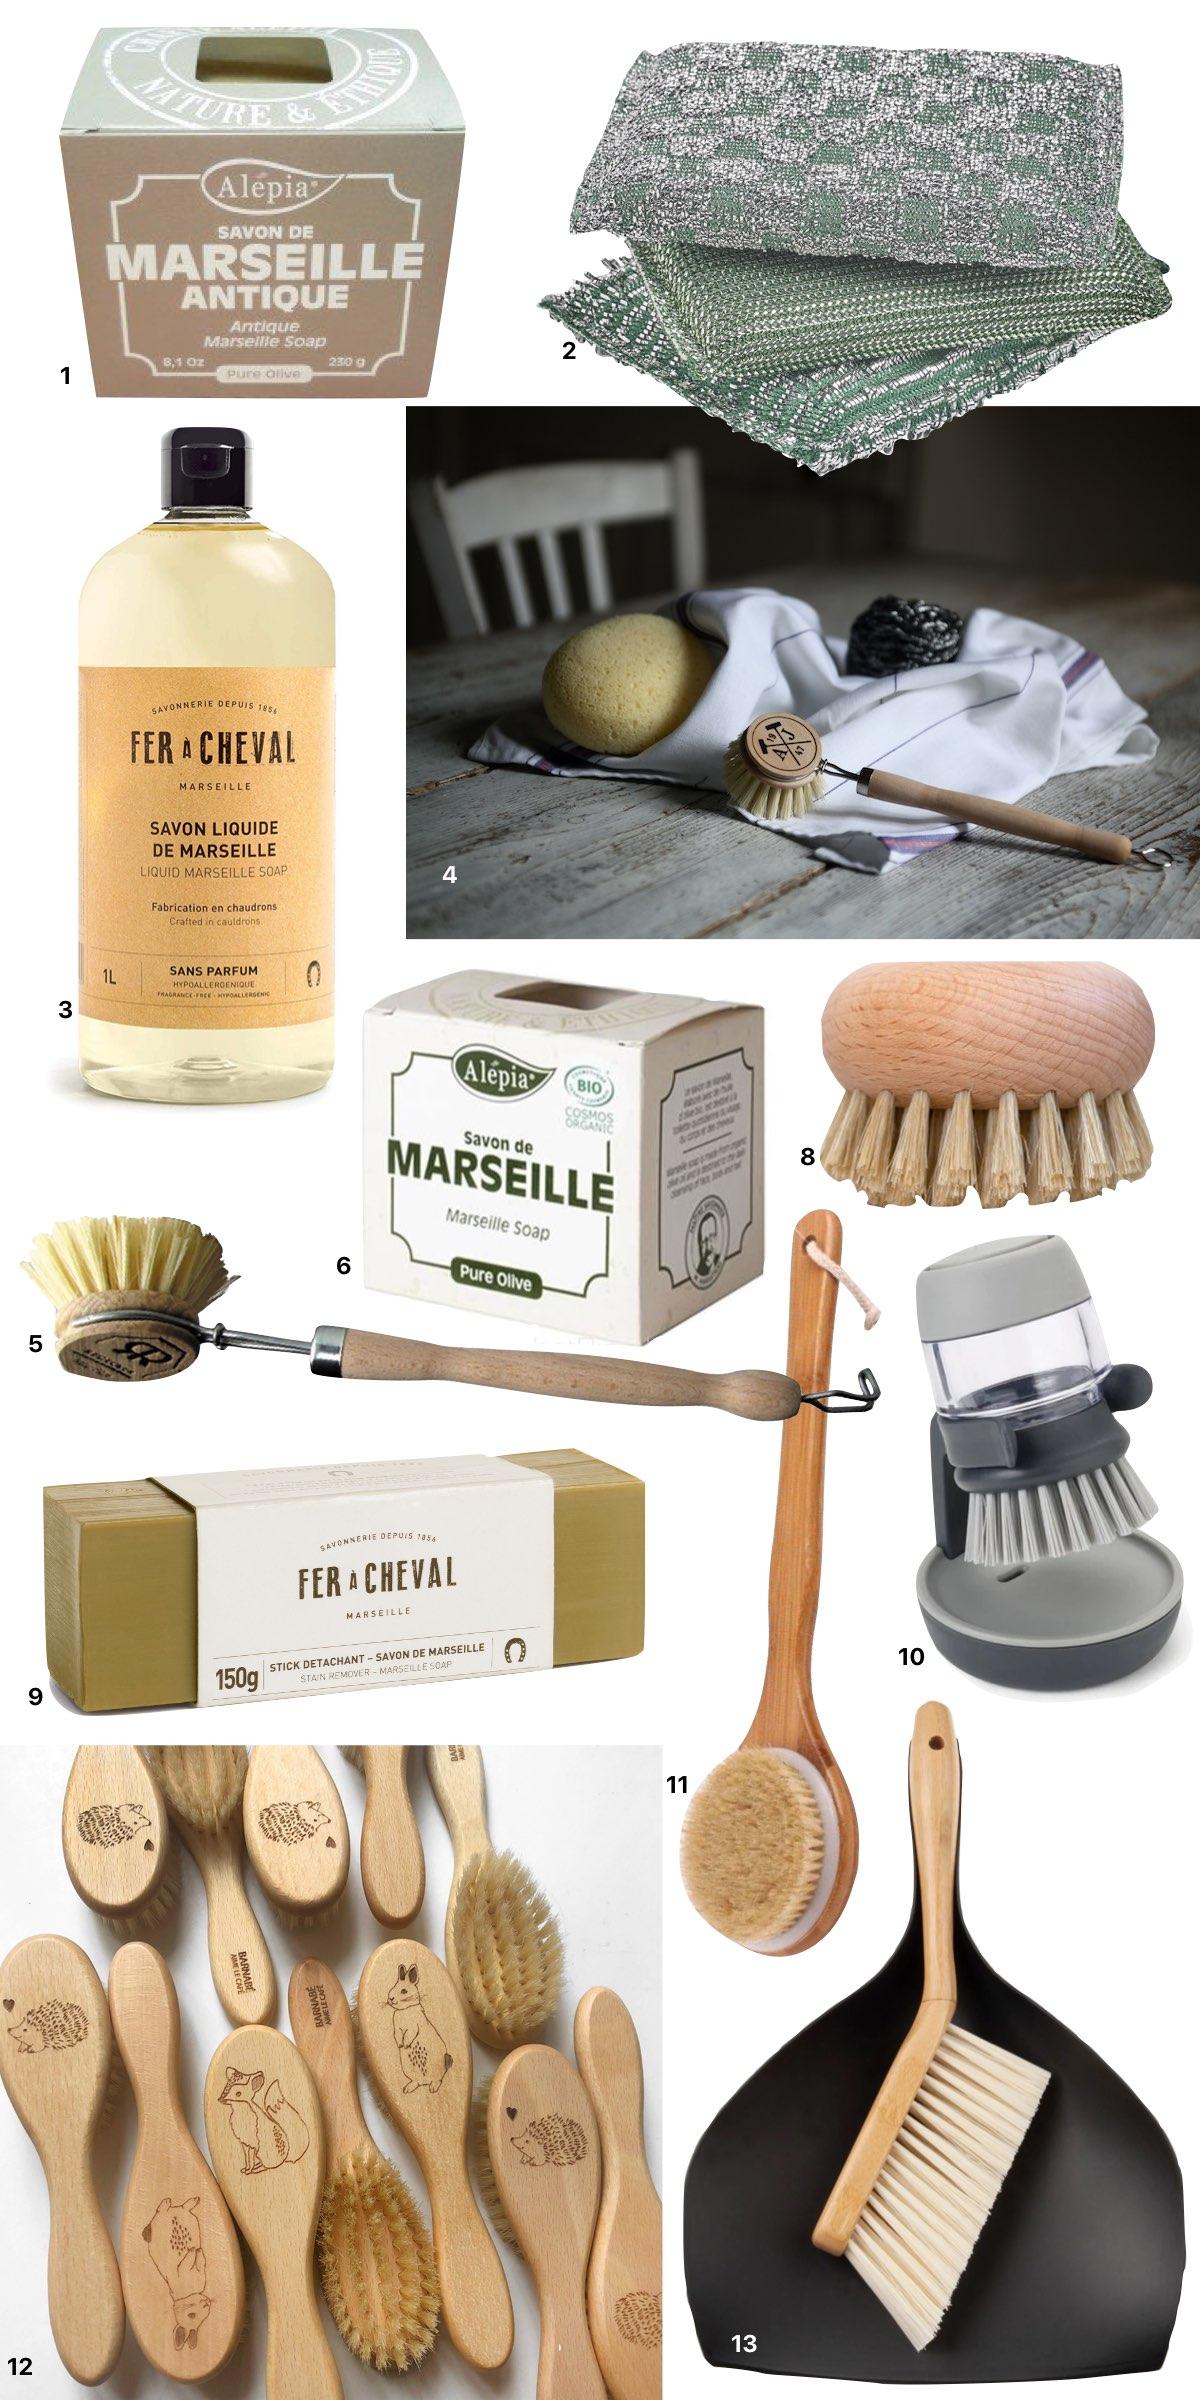 accessoire entretien maison écolo écoresponsable brosse bambou vintage retro vaisselle douche